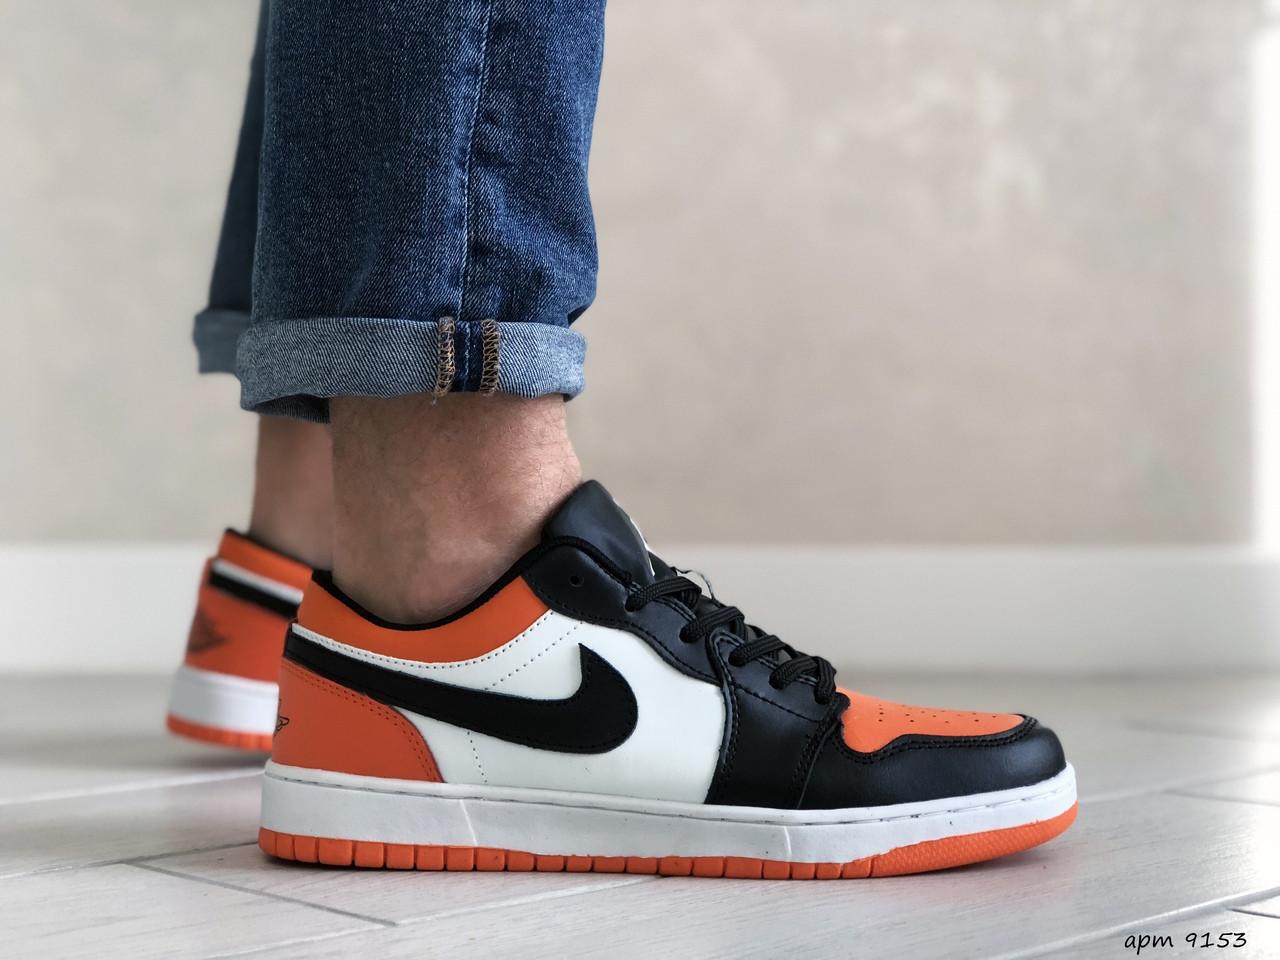 Мужские кожаные кроссовки Nike Air Jordan 1 Low (бело-оранжевые) 9153